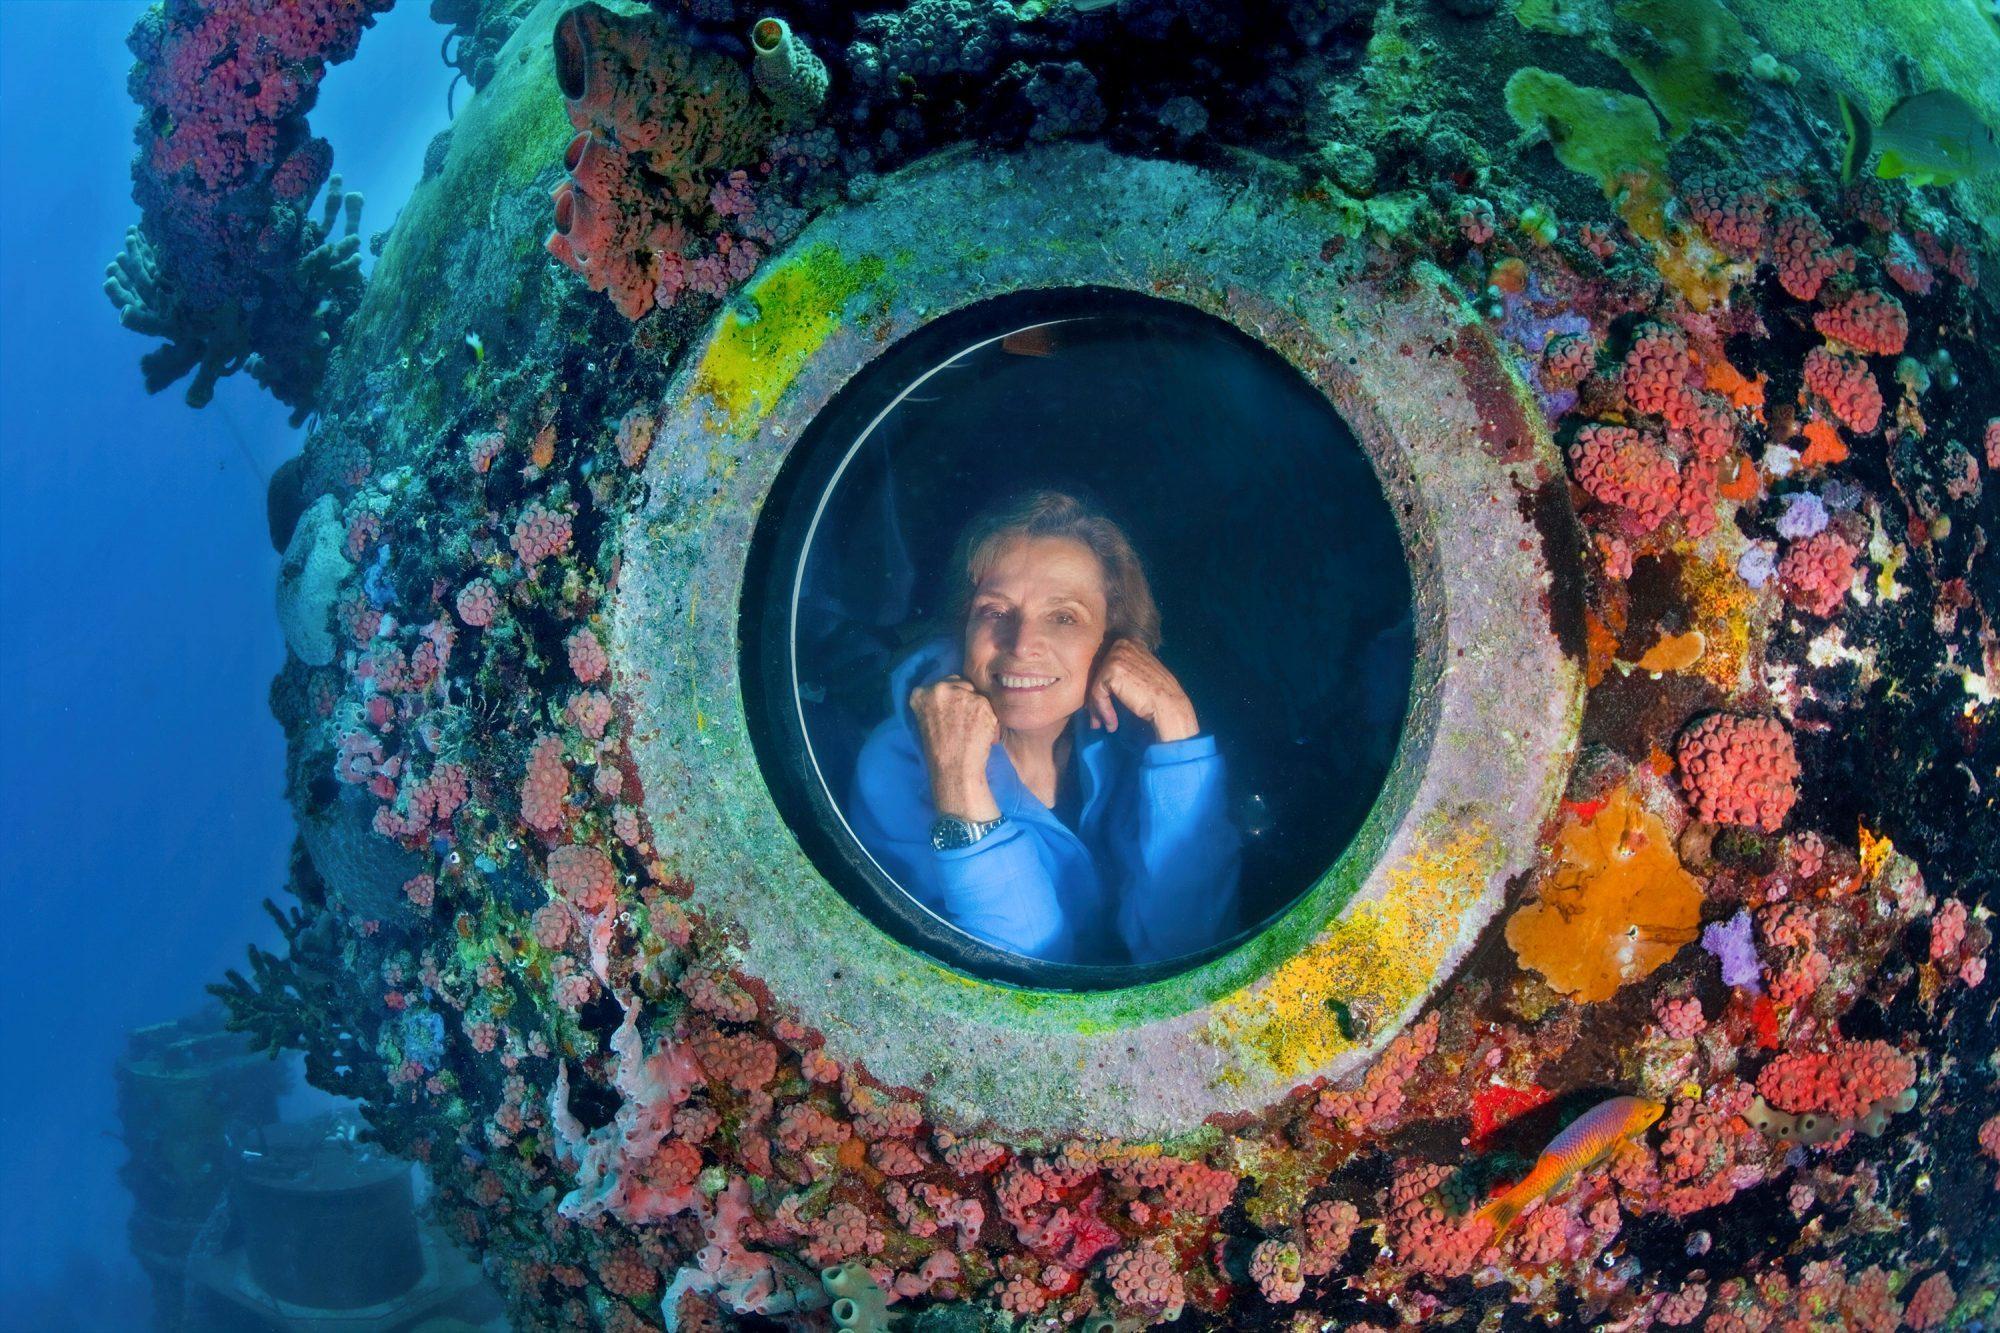 En 1970, Sylvia Earle vivió dos semanas en un laboratorio submarino para estudiar la vida del océano y las consecuencias sobre el cuerpo humano.